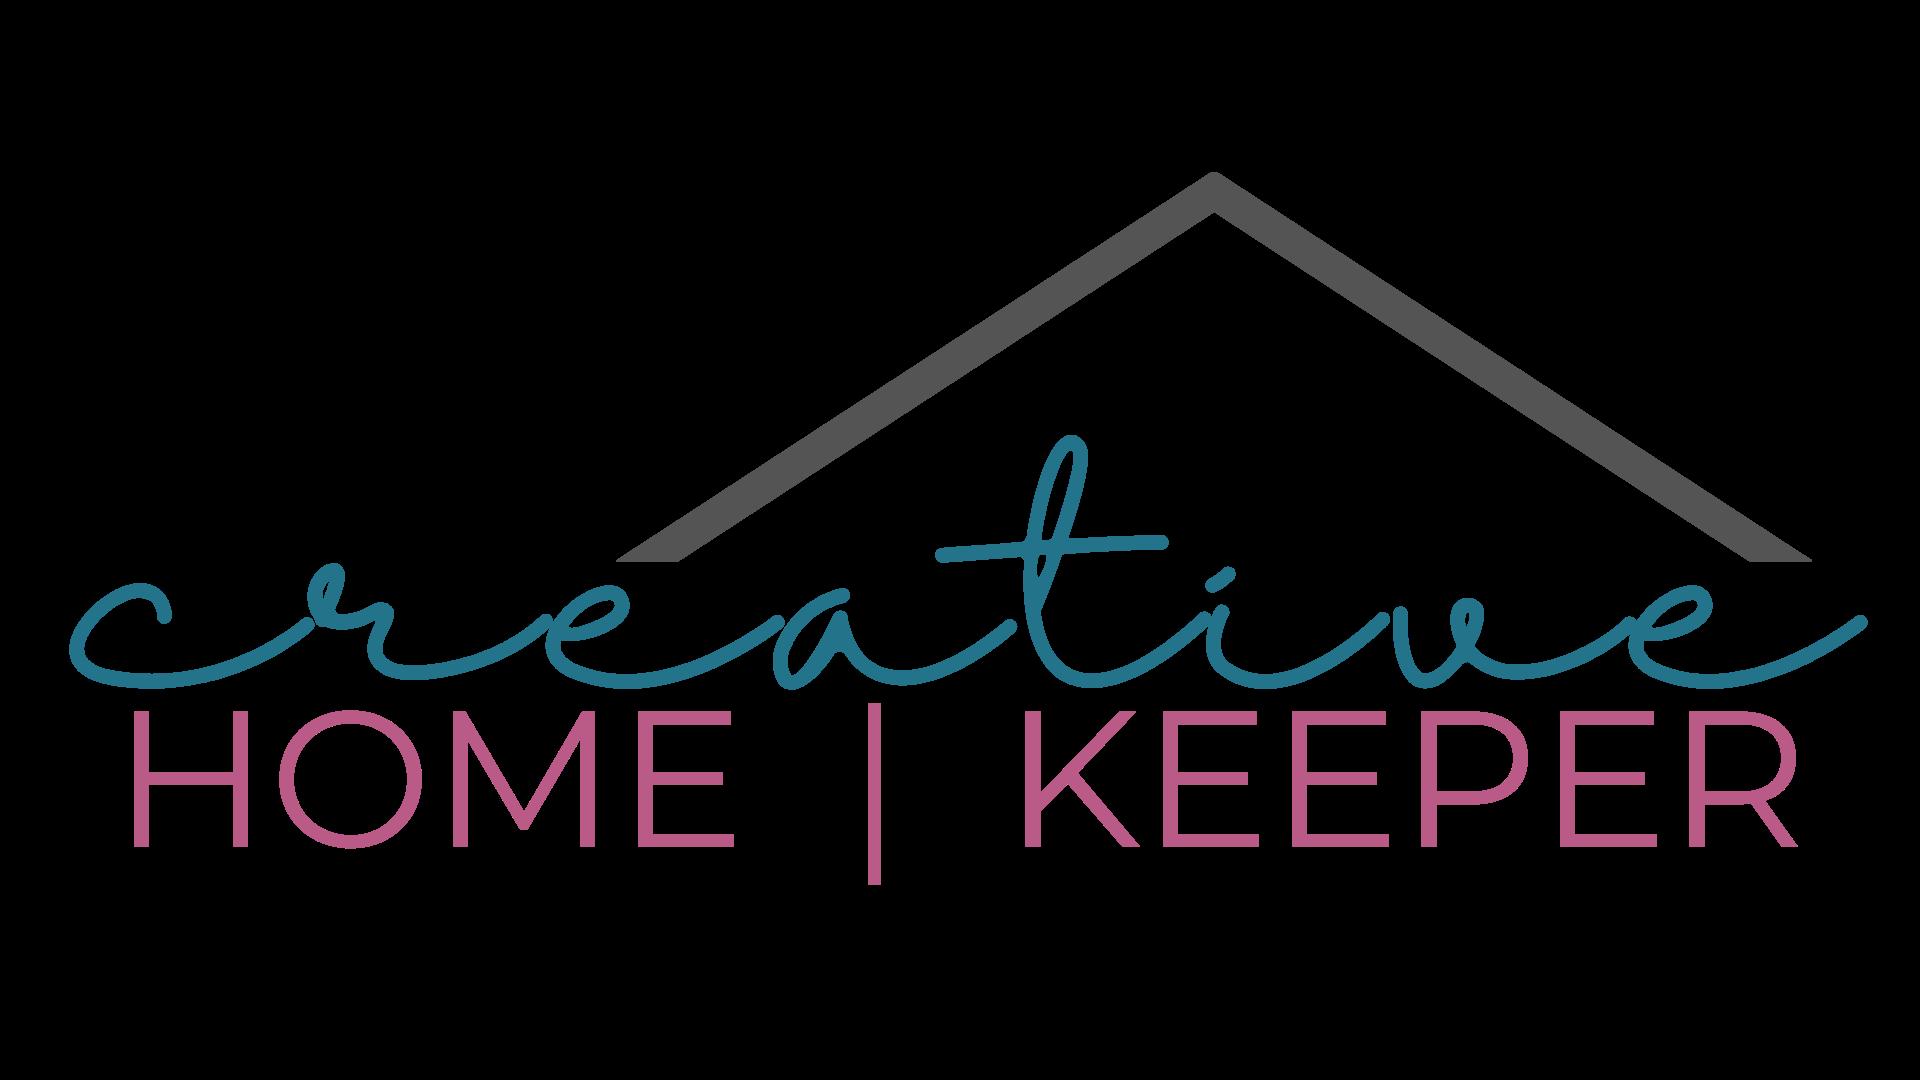 Creative Home Keeper